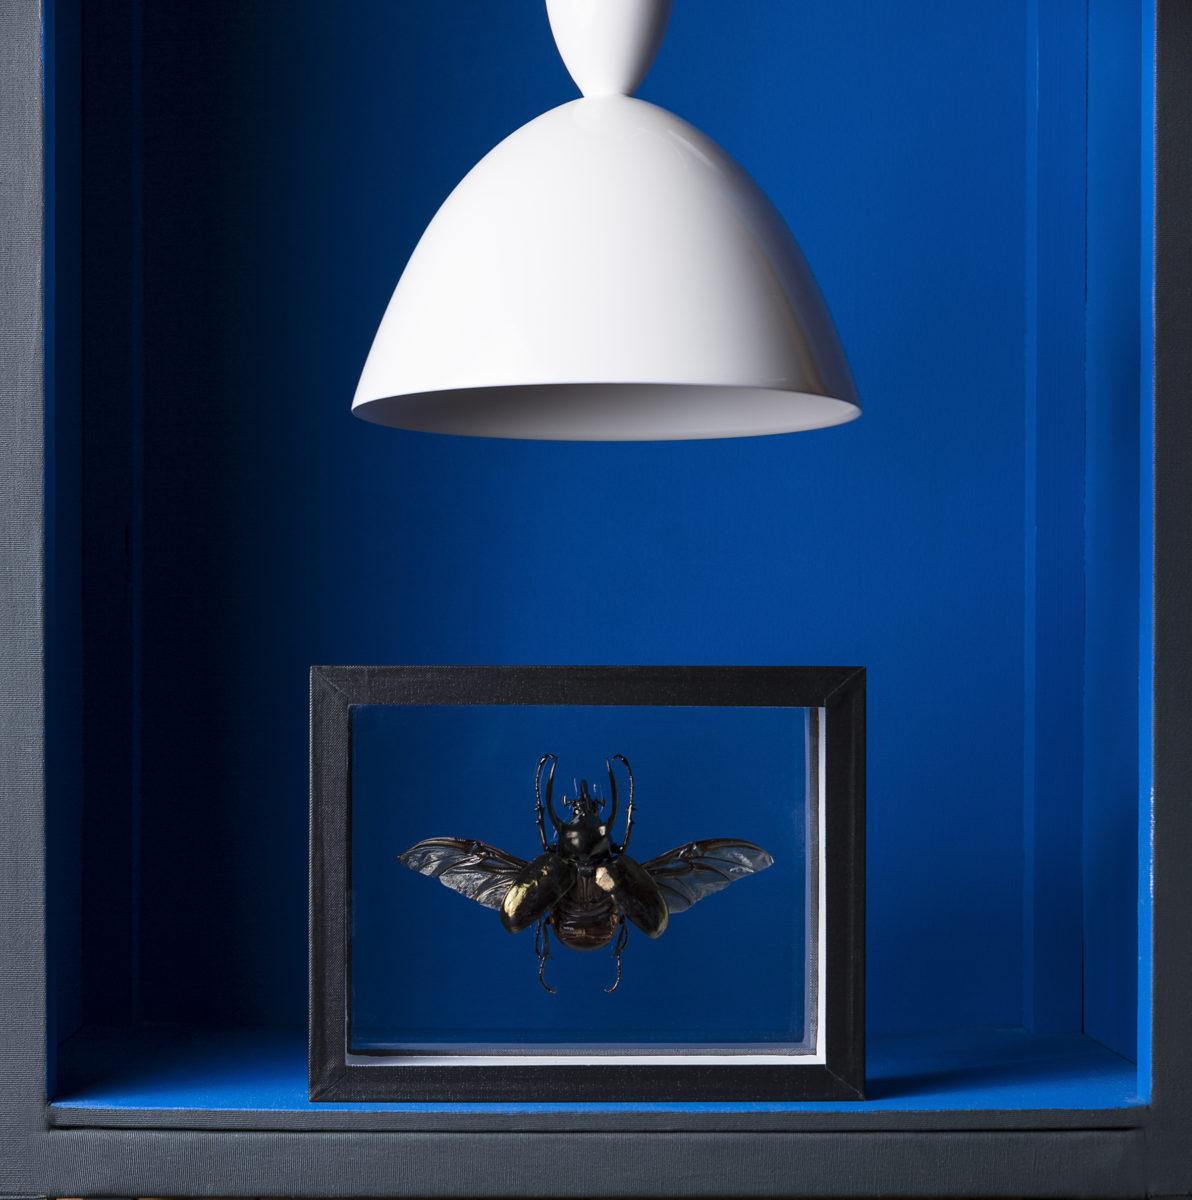 design / Atroposmoth Un il, deux ailes